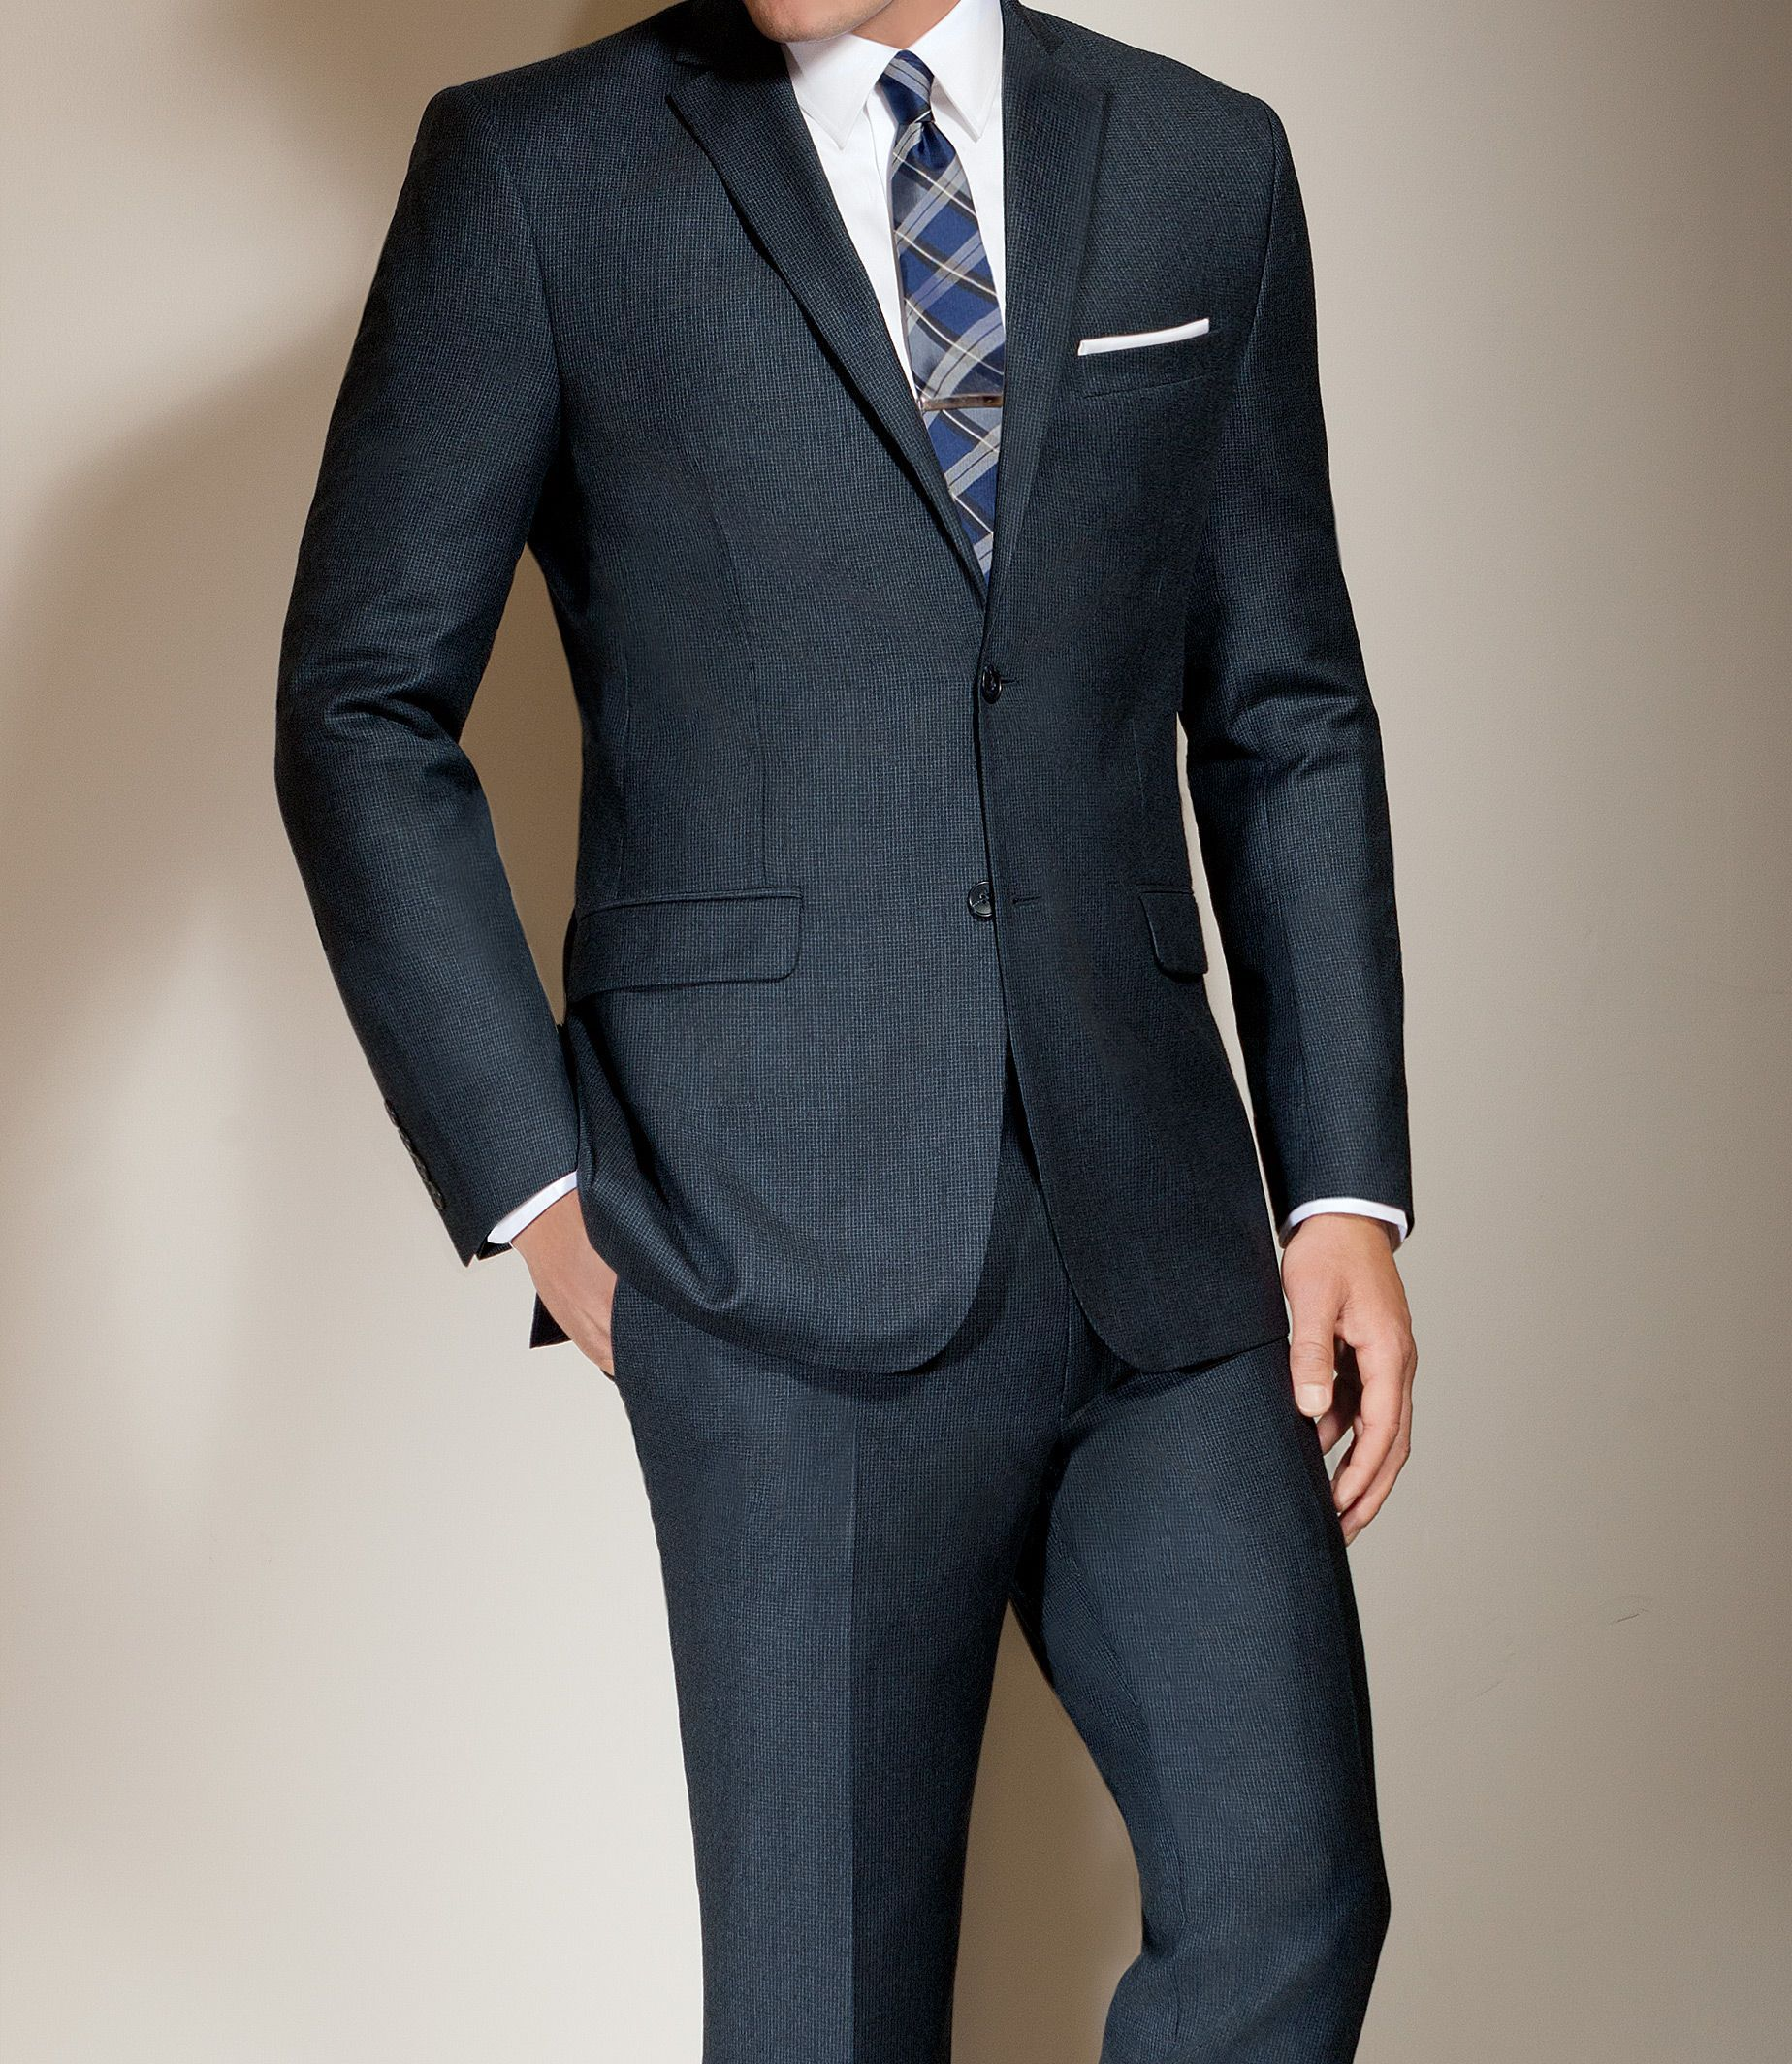 Slim Fit 2-Button Wool/Cashmere Plain Front Suit CLEARANCE